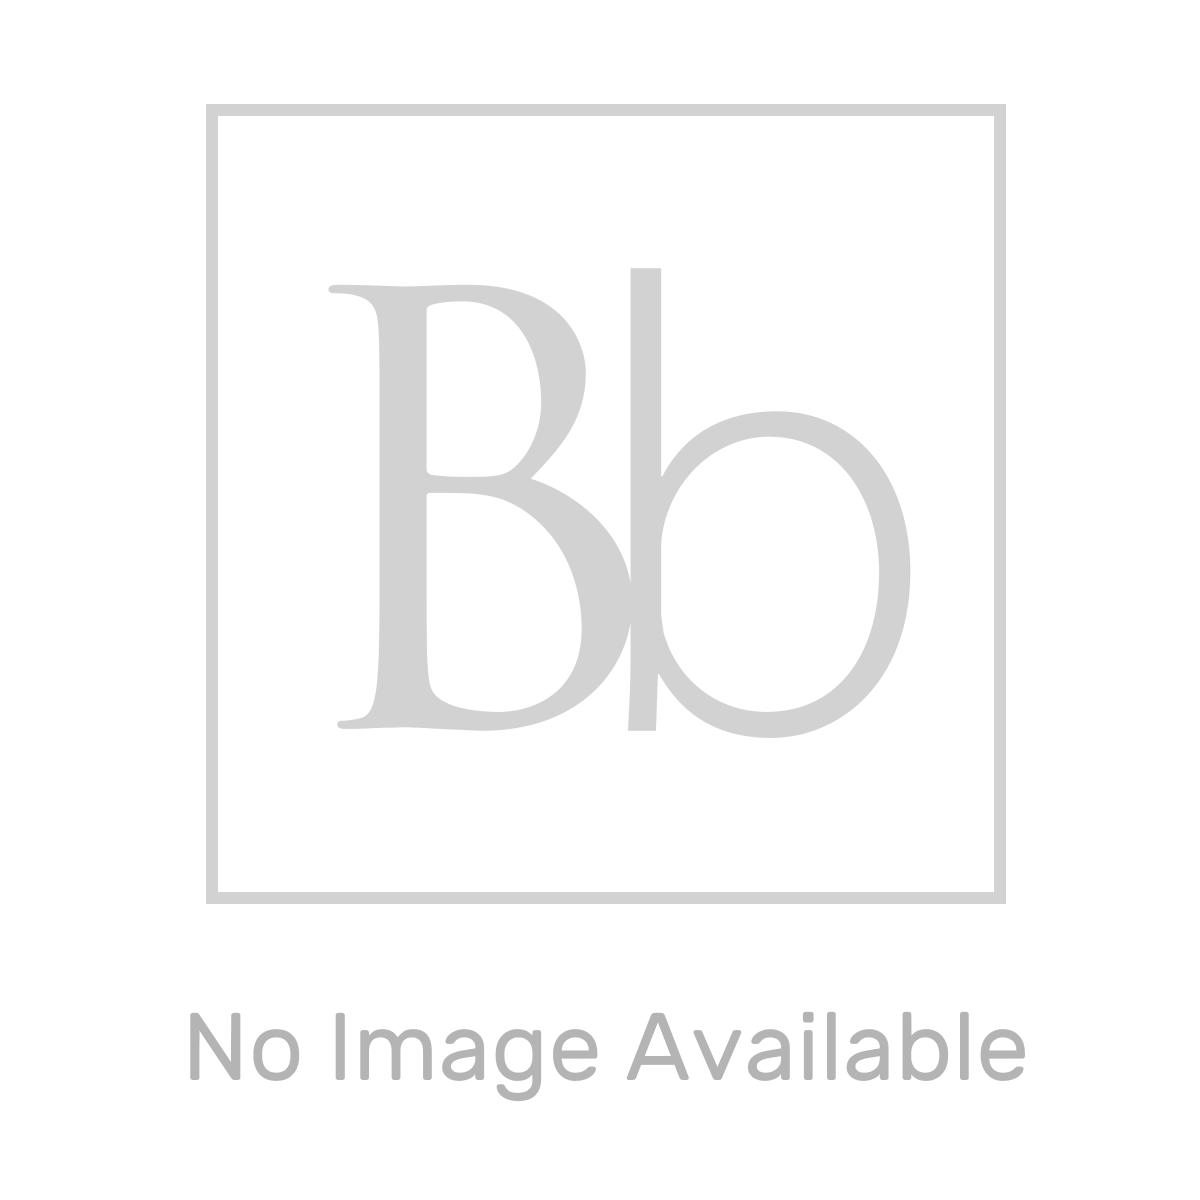 BTL Sherbourne Toilet and Basin Set